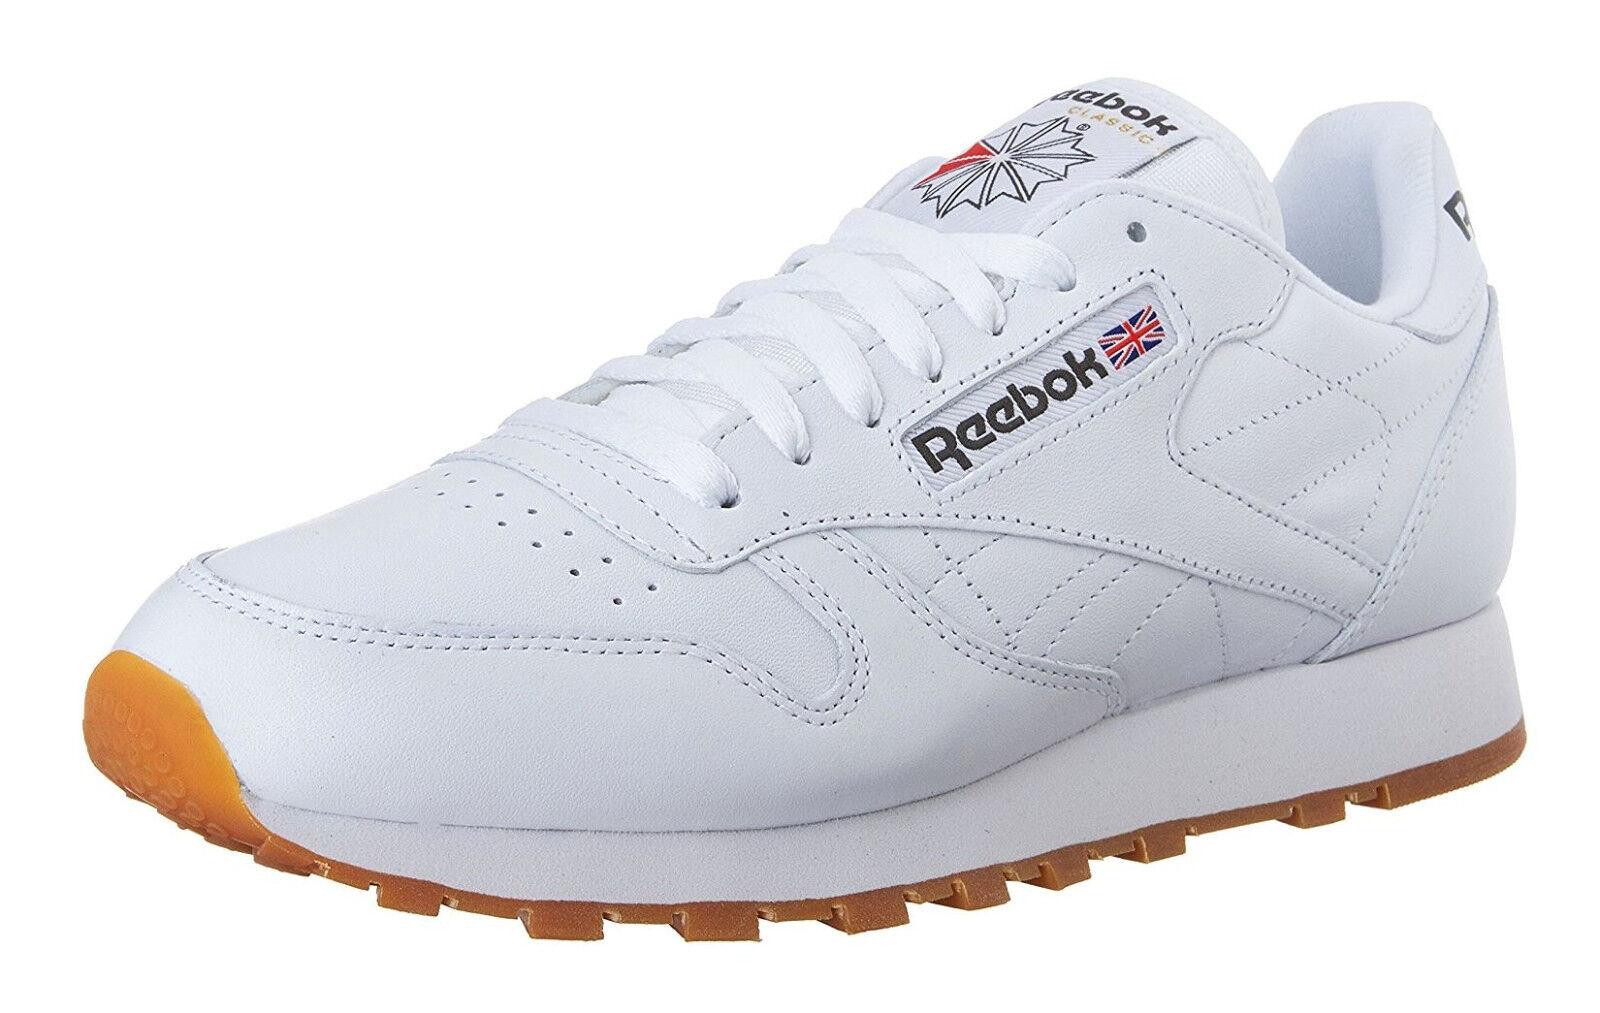 Reebok Cuero Clásico blancoo, Goma Hombre Running Tenis Zapatos Artículo 49797